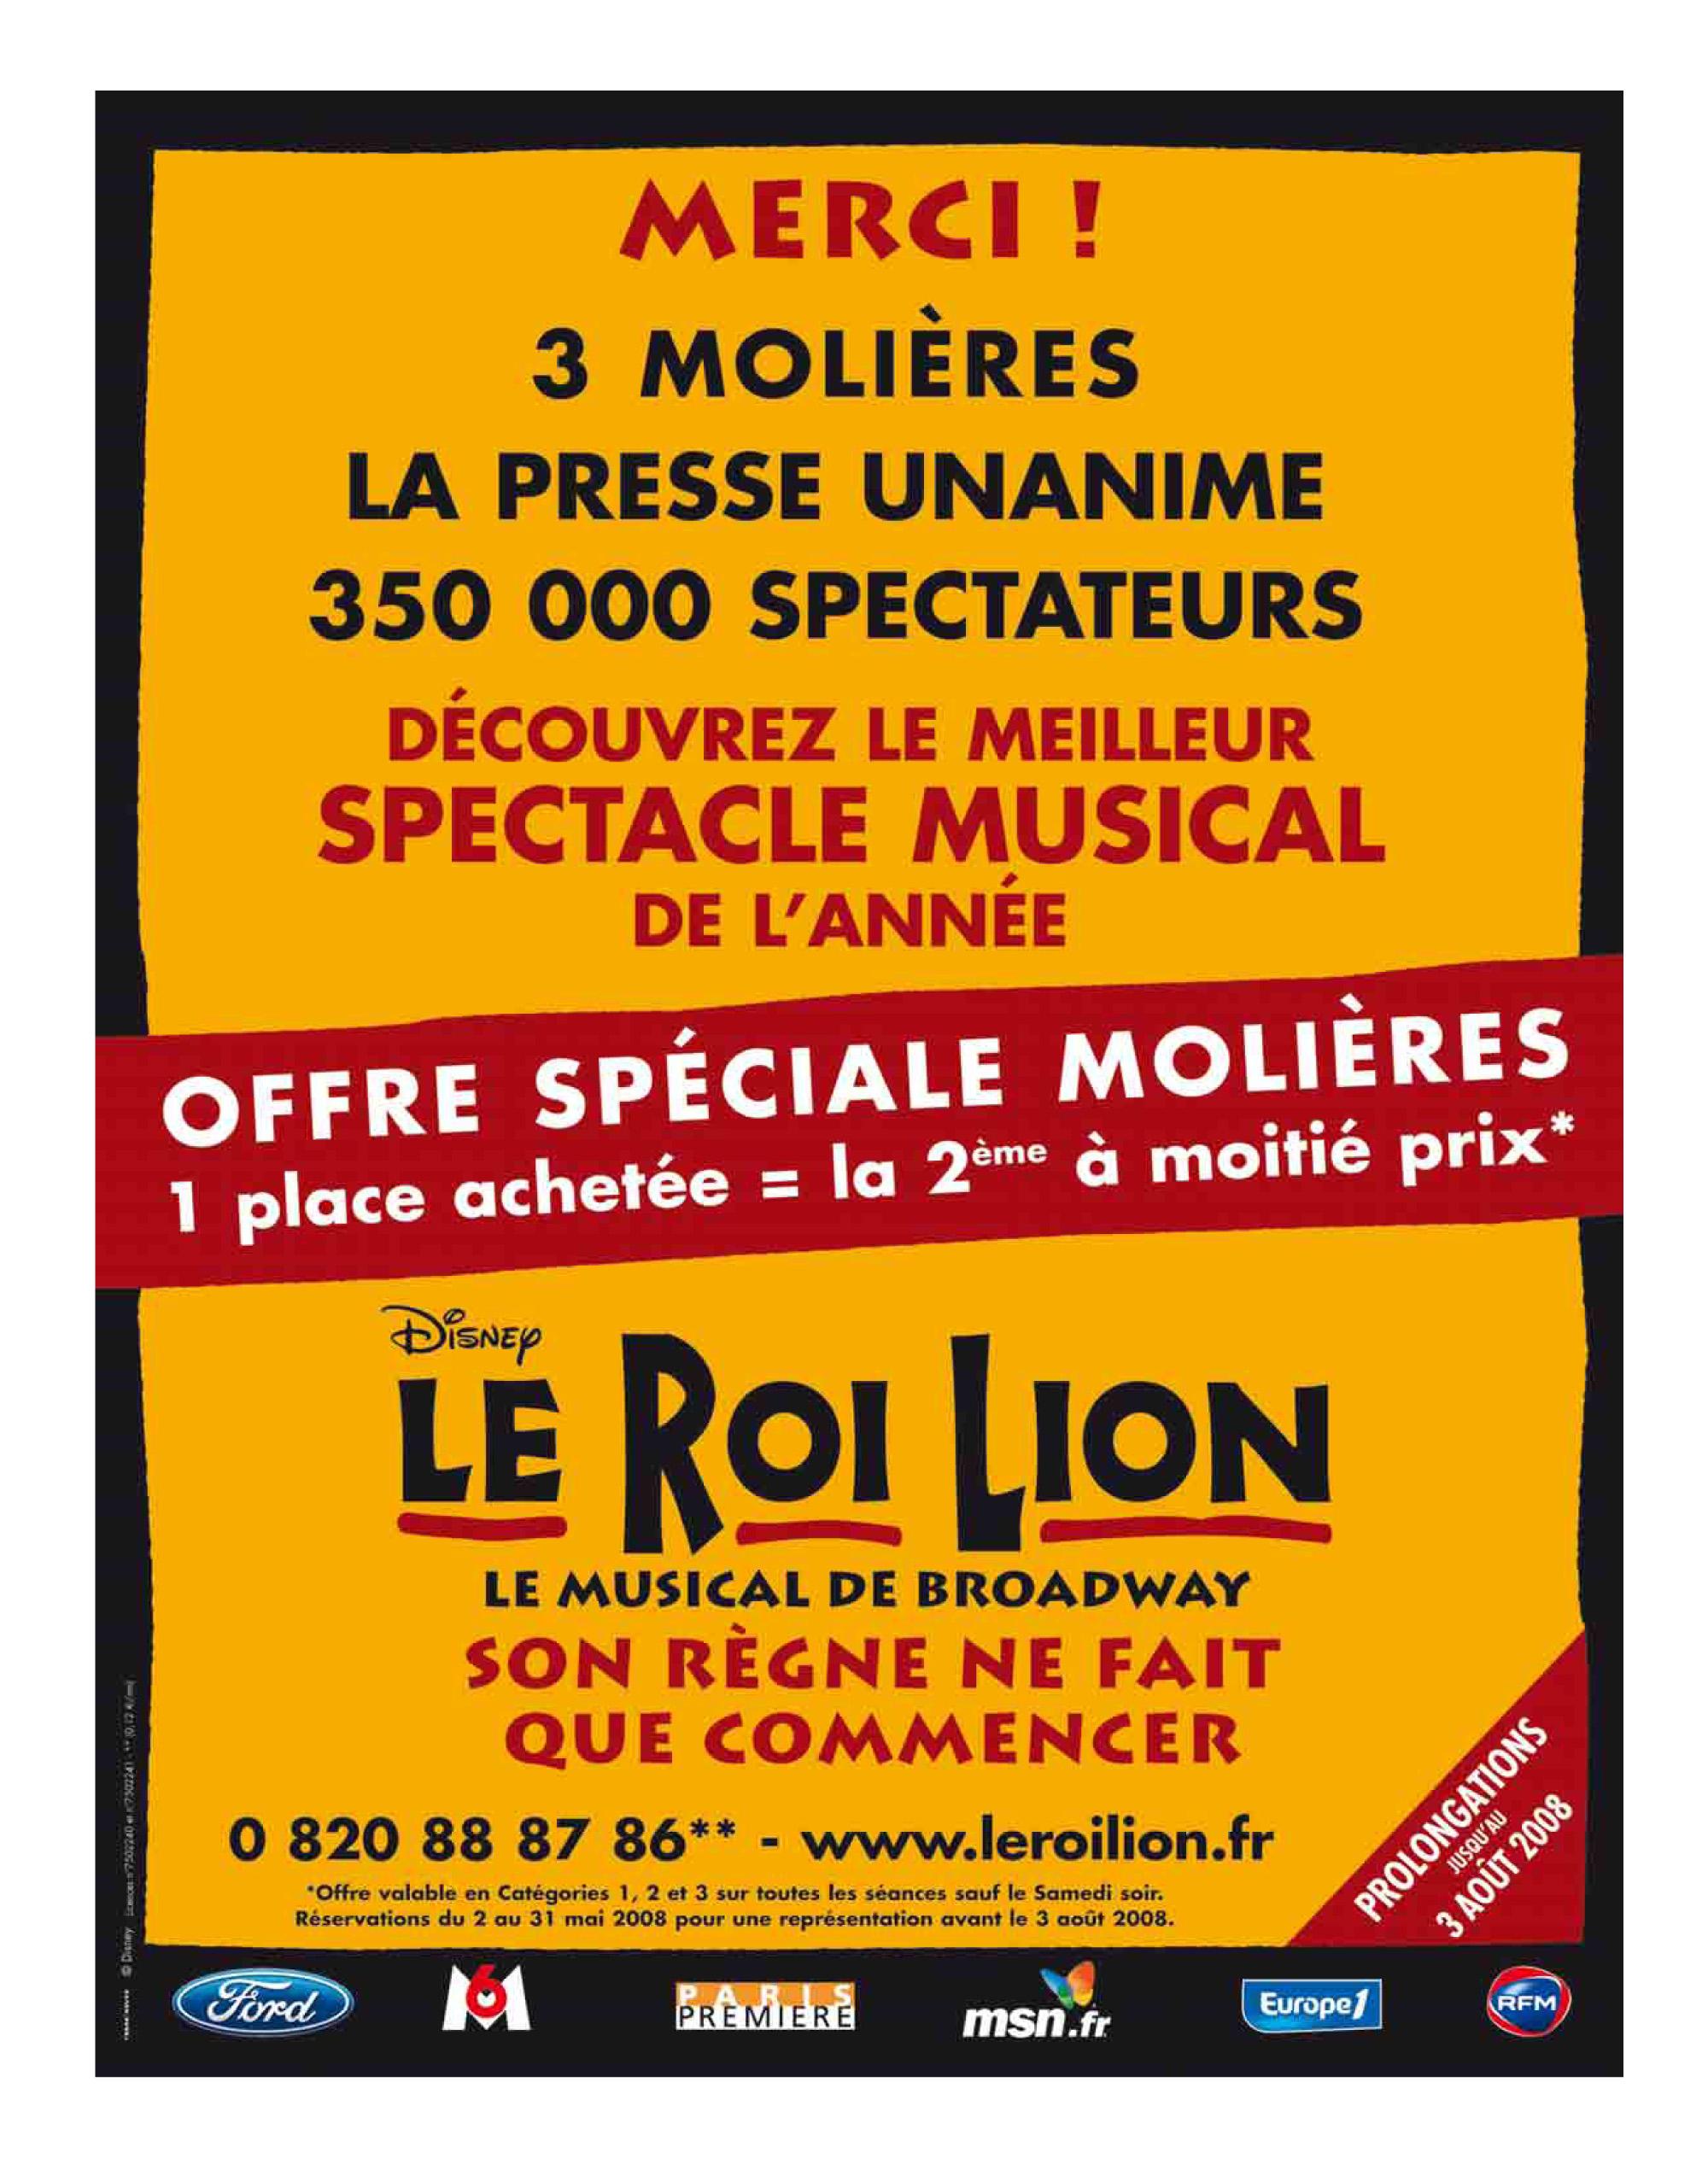 Le Roi Lion - Merci - Molières